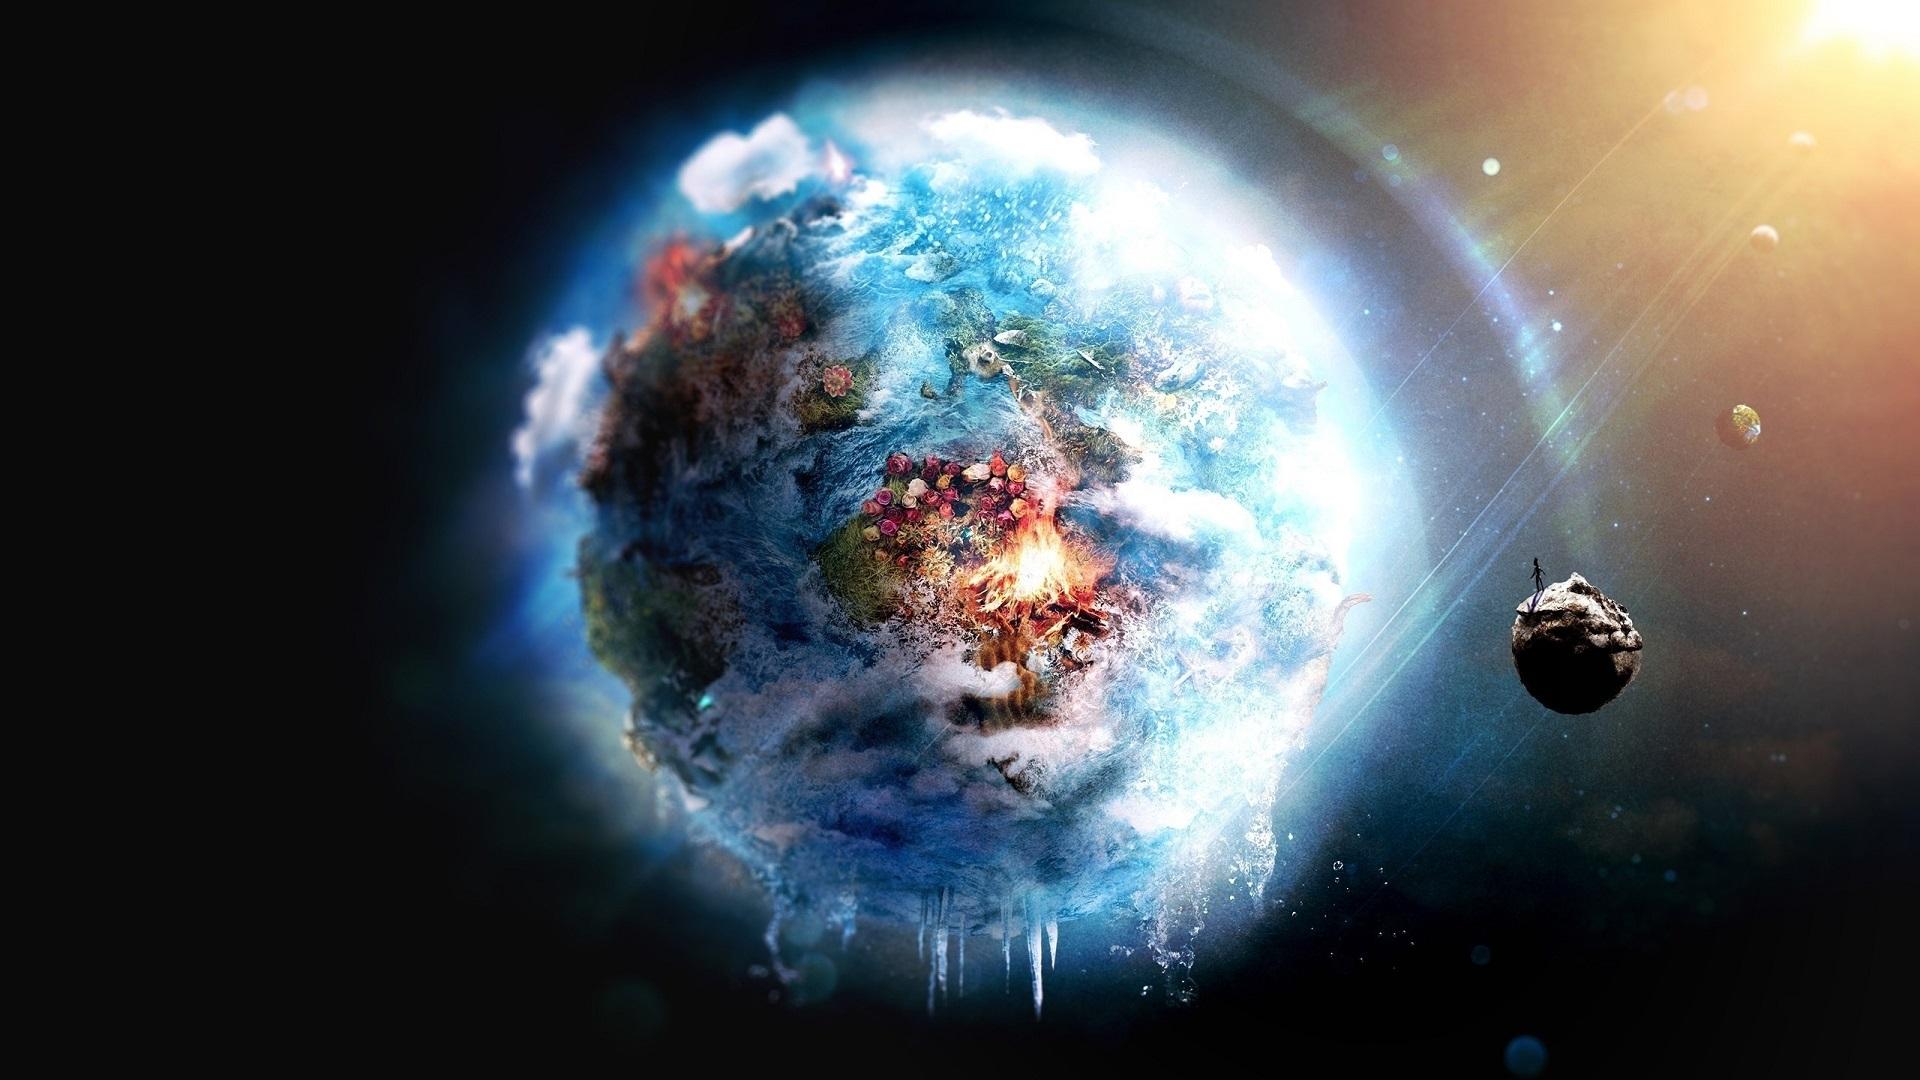 Ice World Wallpaper 17057 Wallpaper High Resolution 1920x1080